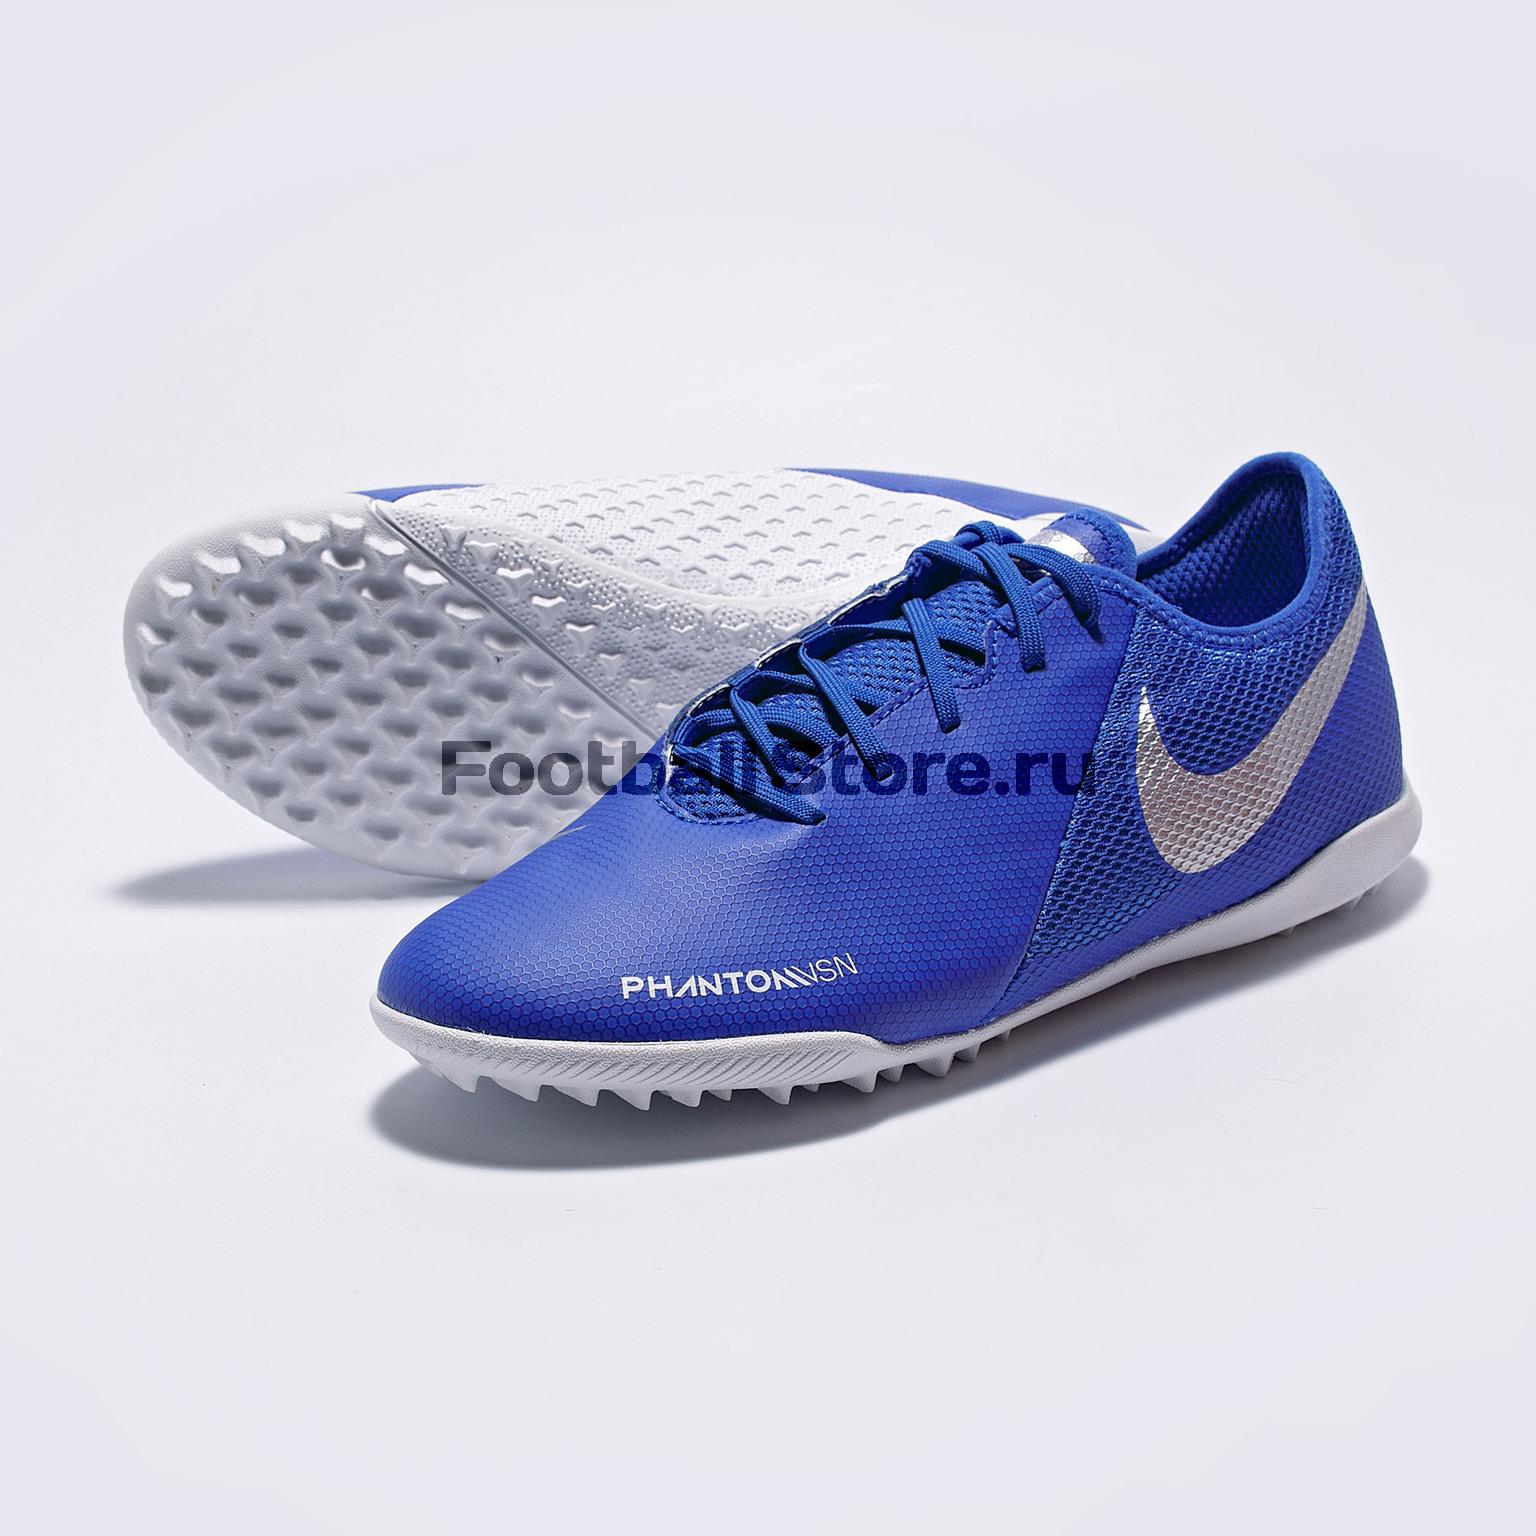 цены на Шиповки Nike Phantom Vision Academy TF AO3223-410  в интернет-магазинах